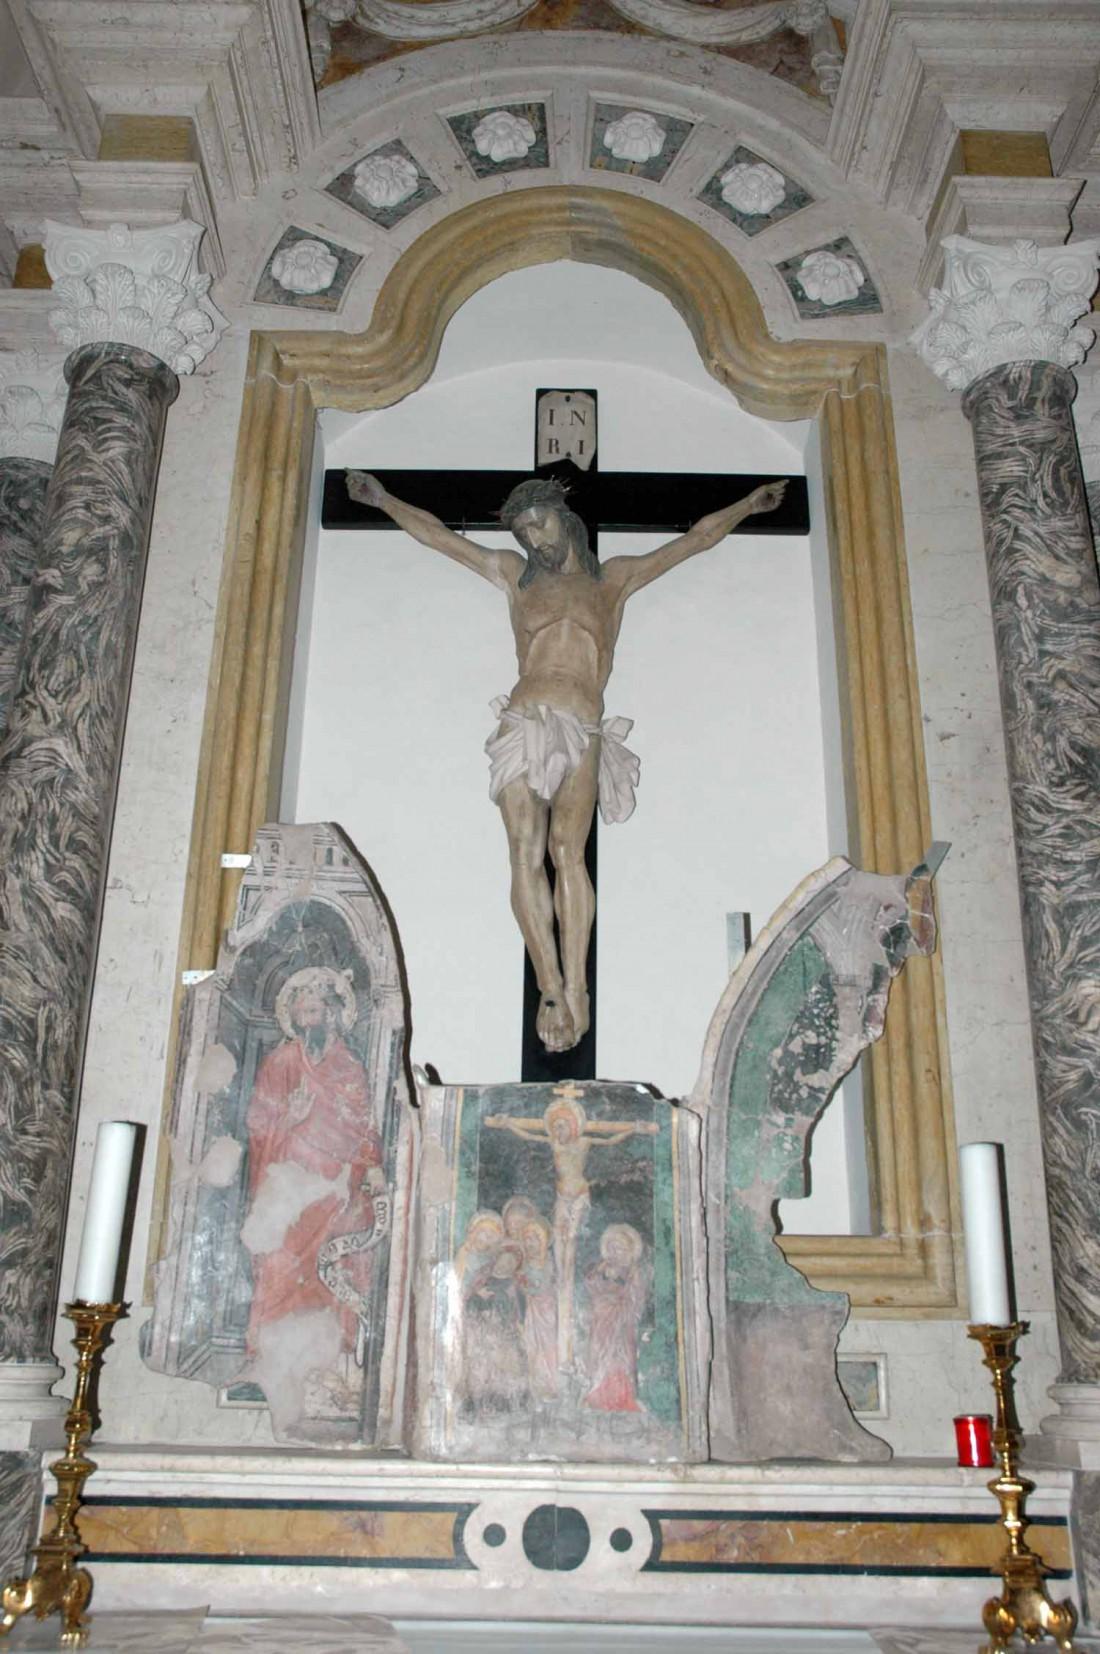 Crocifisso-Chiesa-S.-Pietro-e-Paolo-Brentonico-DI-visitrovereto